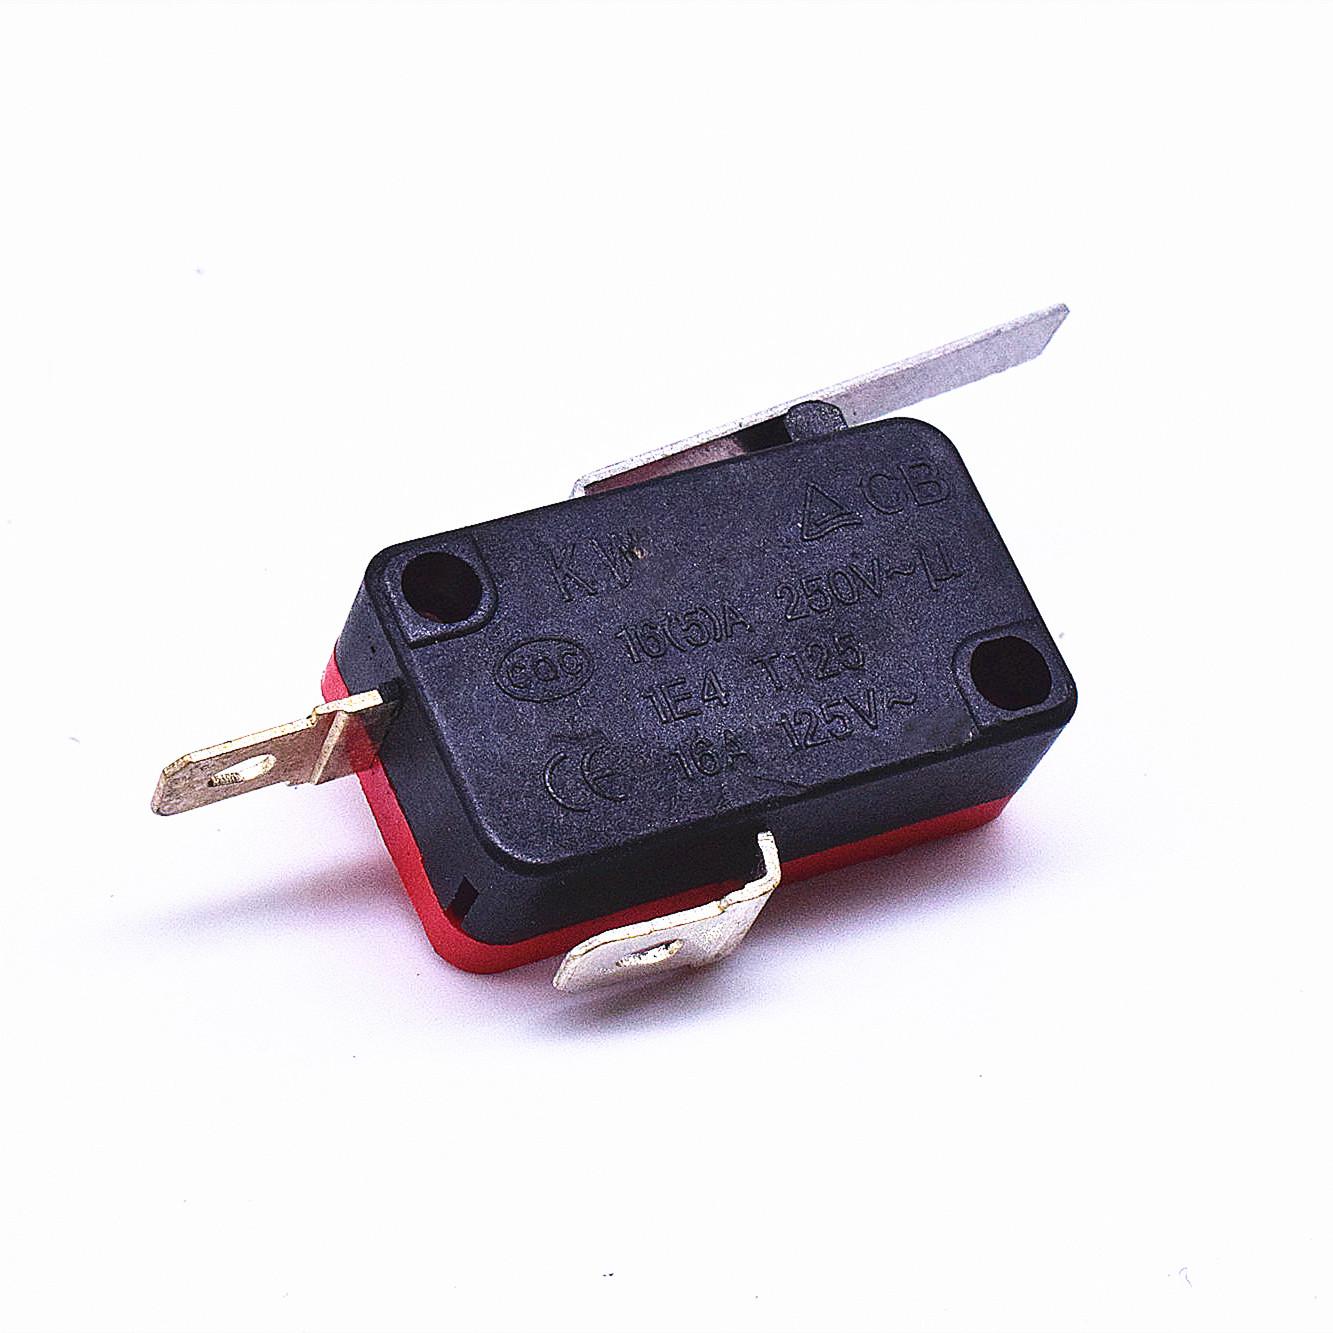 KW3-163-1A2(常開型4.8H插片)-BR(殼體座黑 蓋紅)-G(黑色按柄)-02